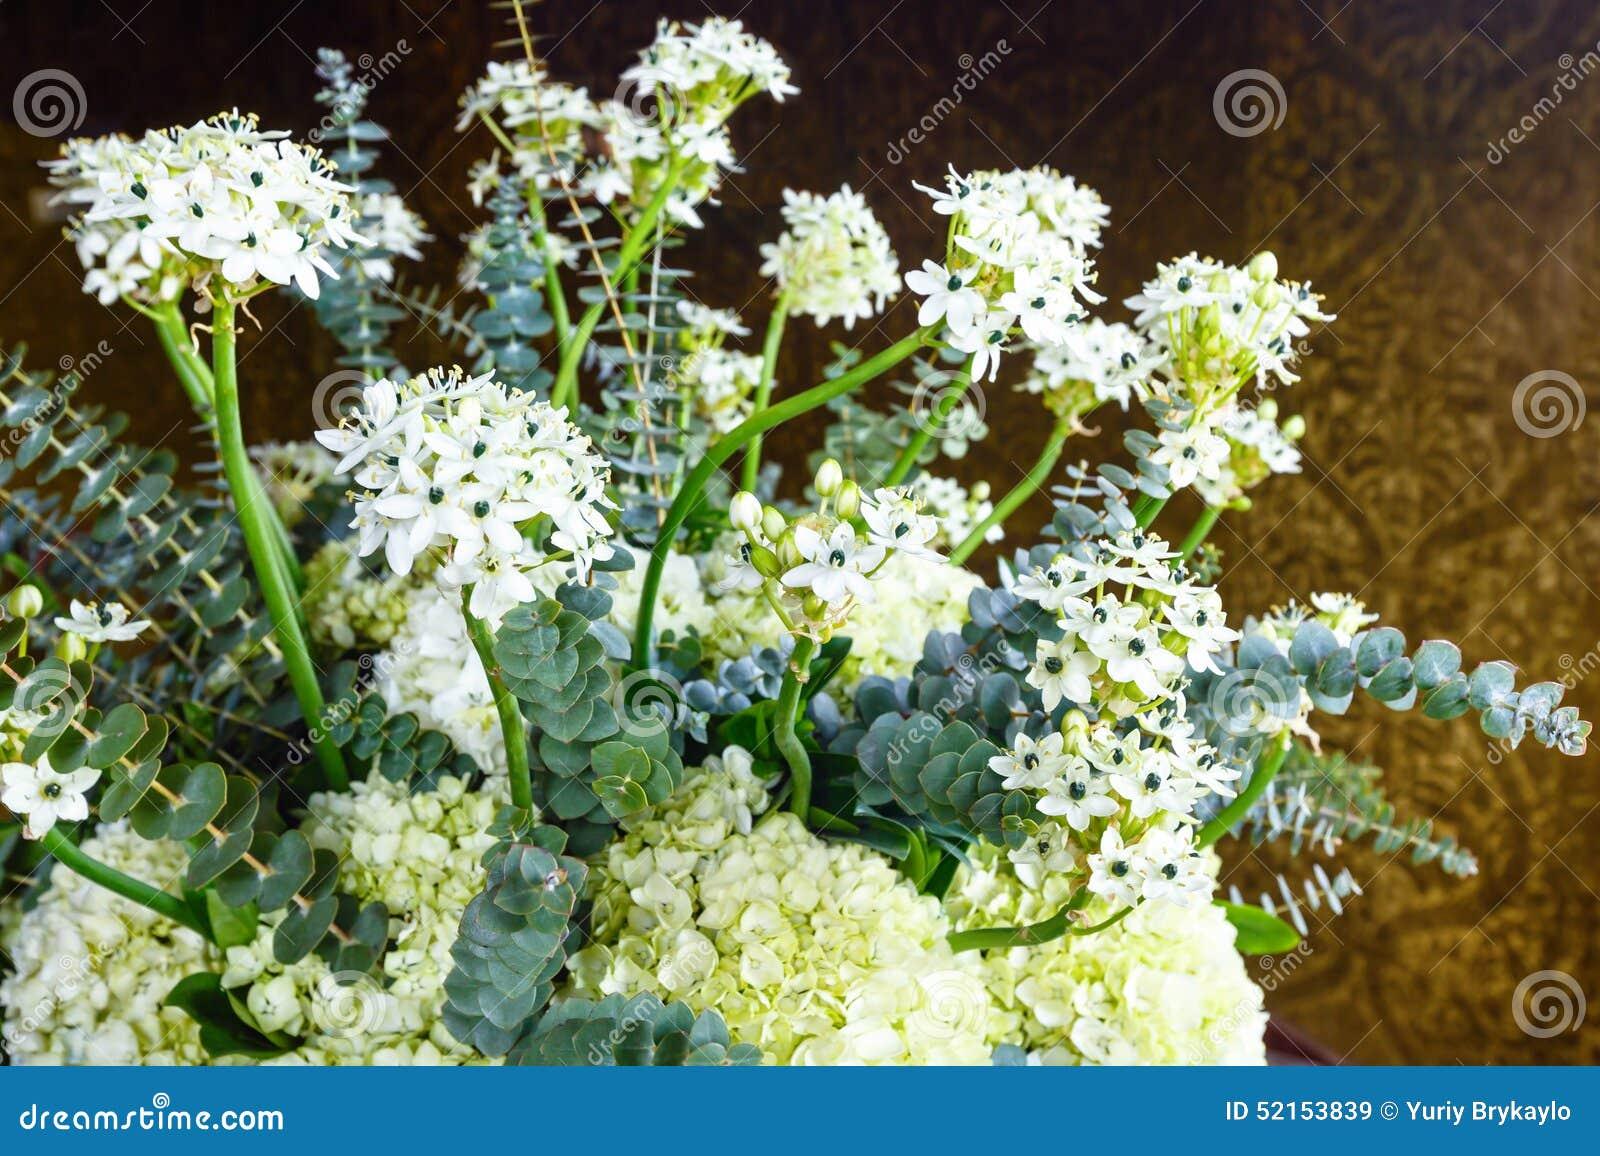 Pianta con i piccoli fiori bianchi immagine stock for Fiori piccoli bianchi